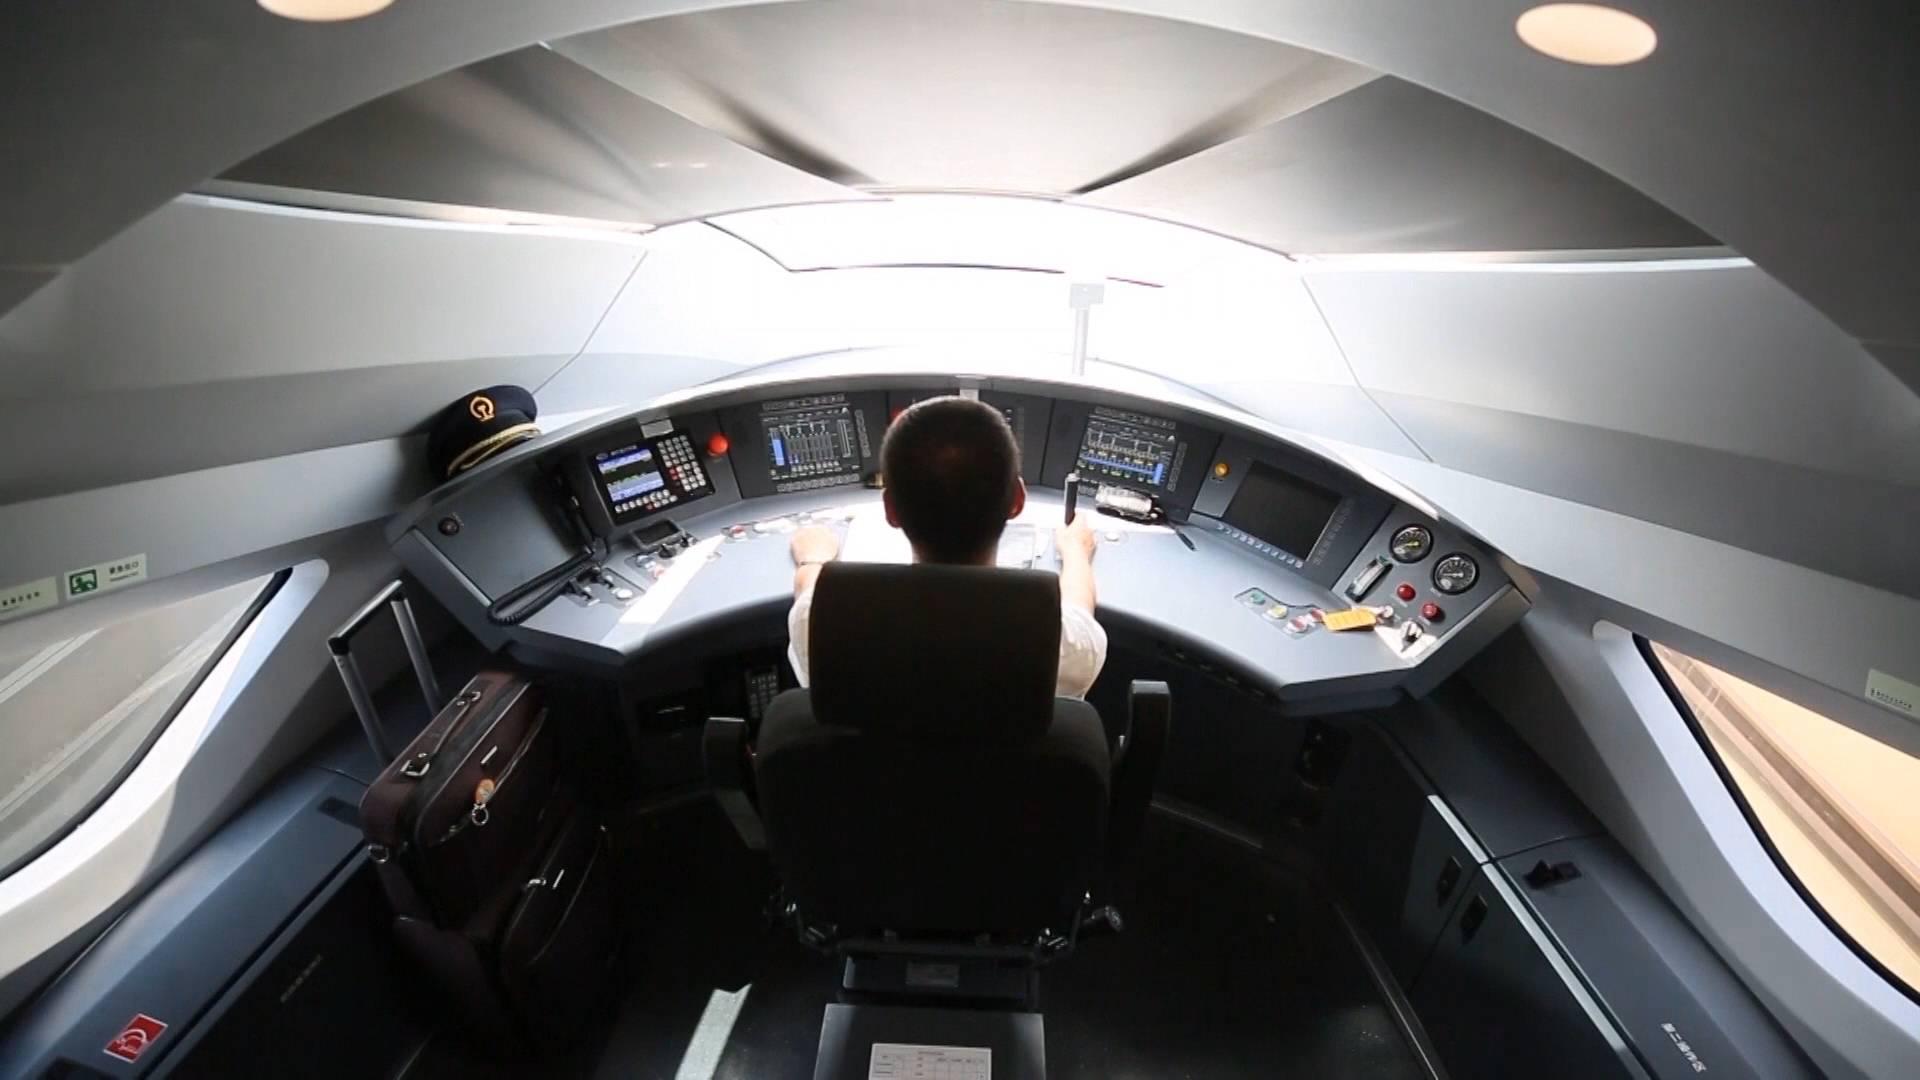 """77秒丨独家揭秘!济青高铁动车组""""复兴号""""驾驶舱内黑科技都有啥?"""